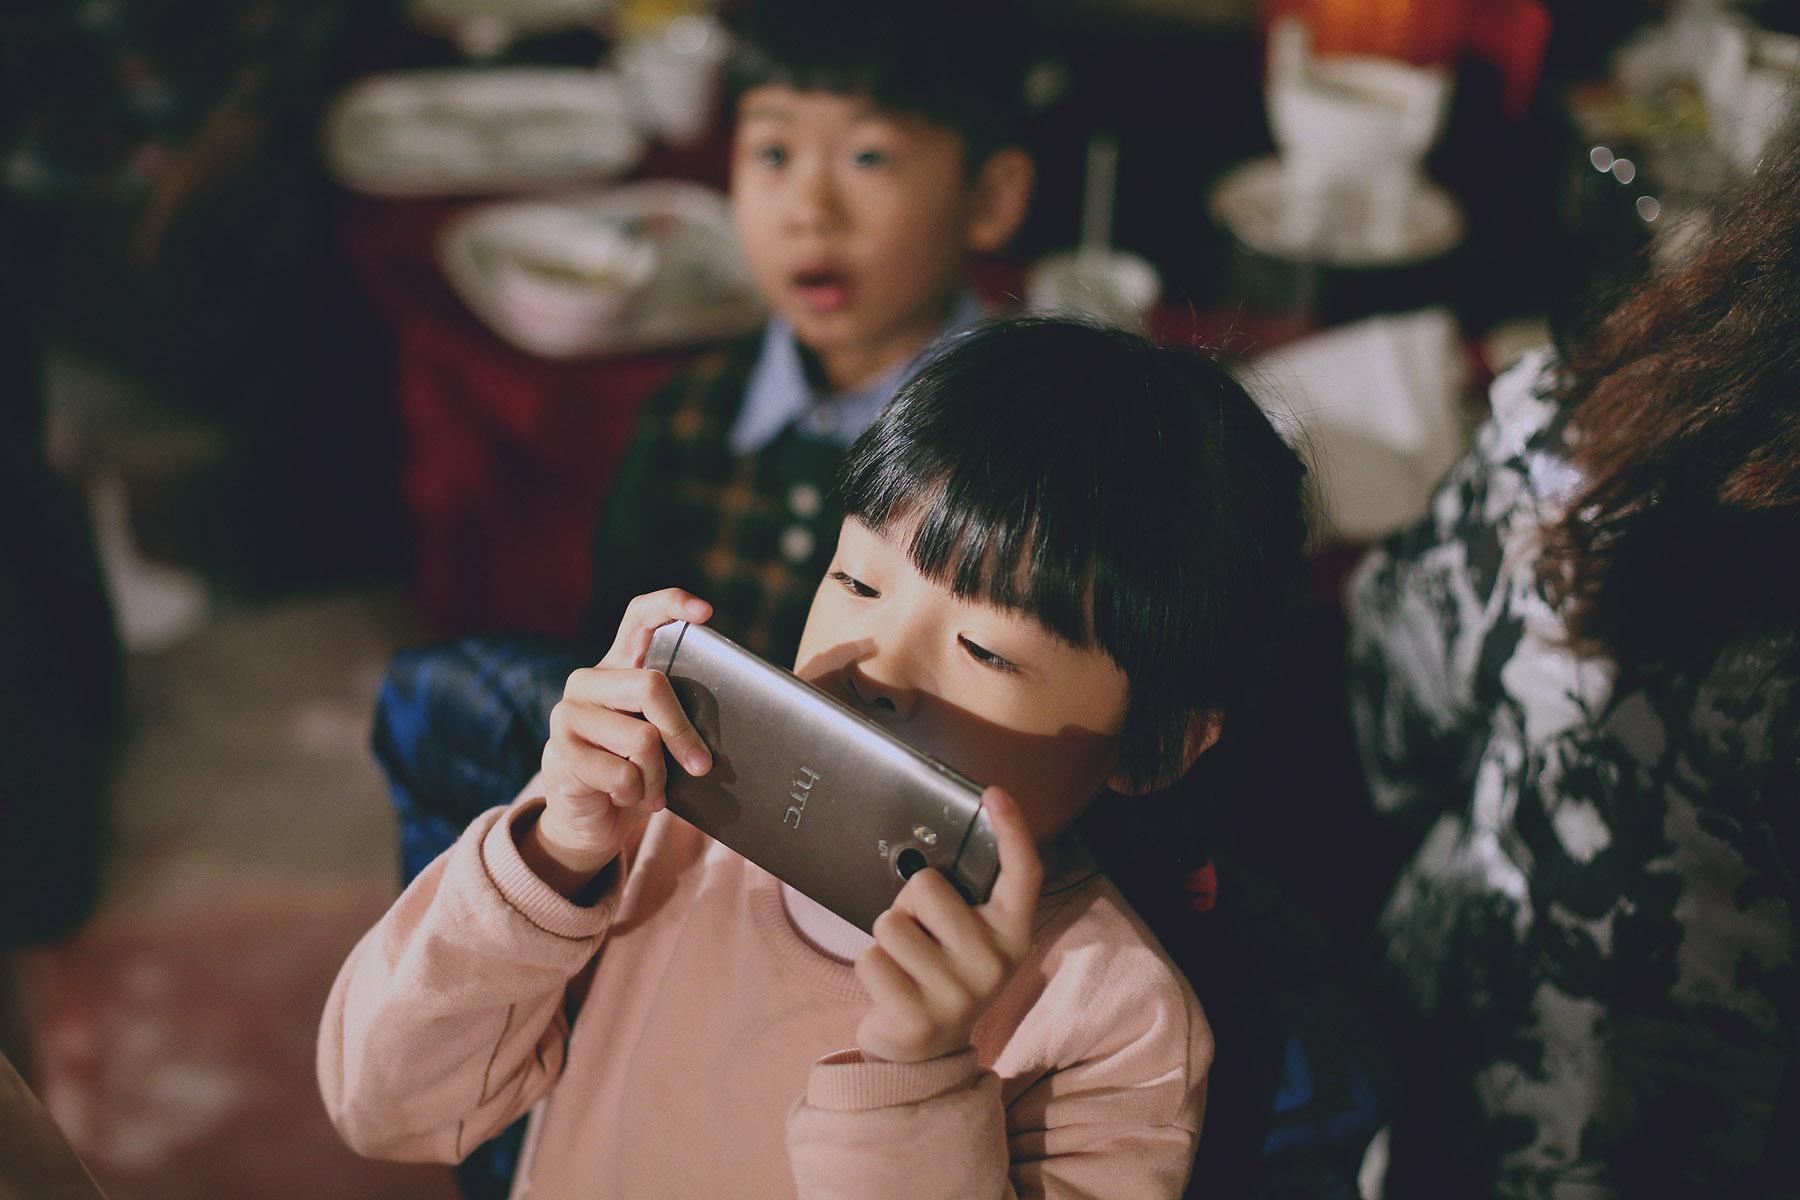 底片婚攝,婚禮攝影,電影風格,台北婚攝推薦,婚攝,婚禮紀錄,底片風格,台北,小孩,手機拍照